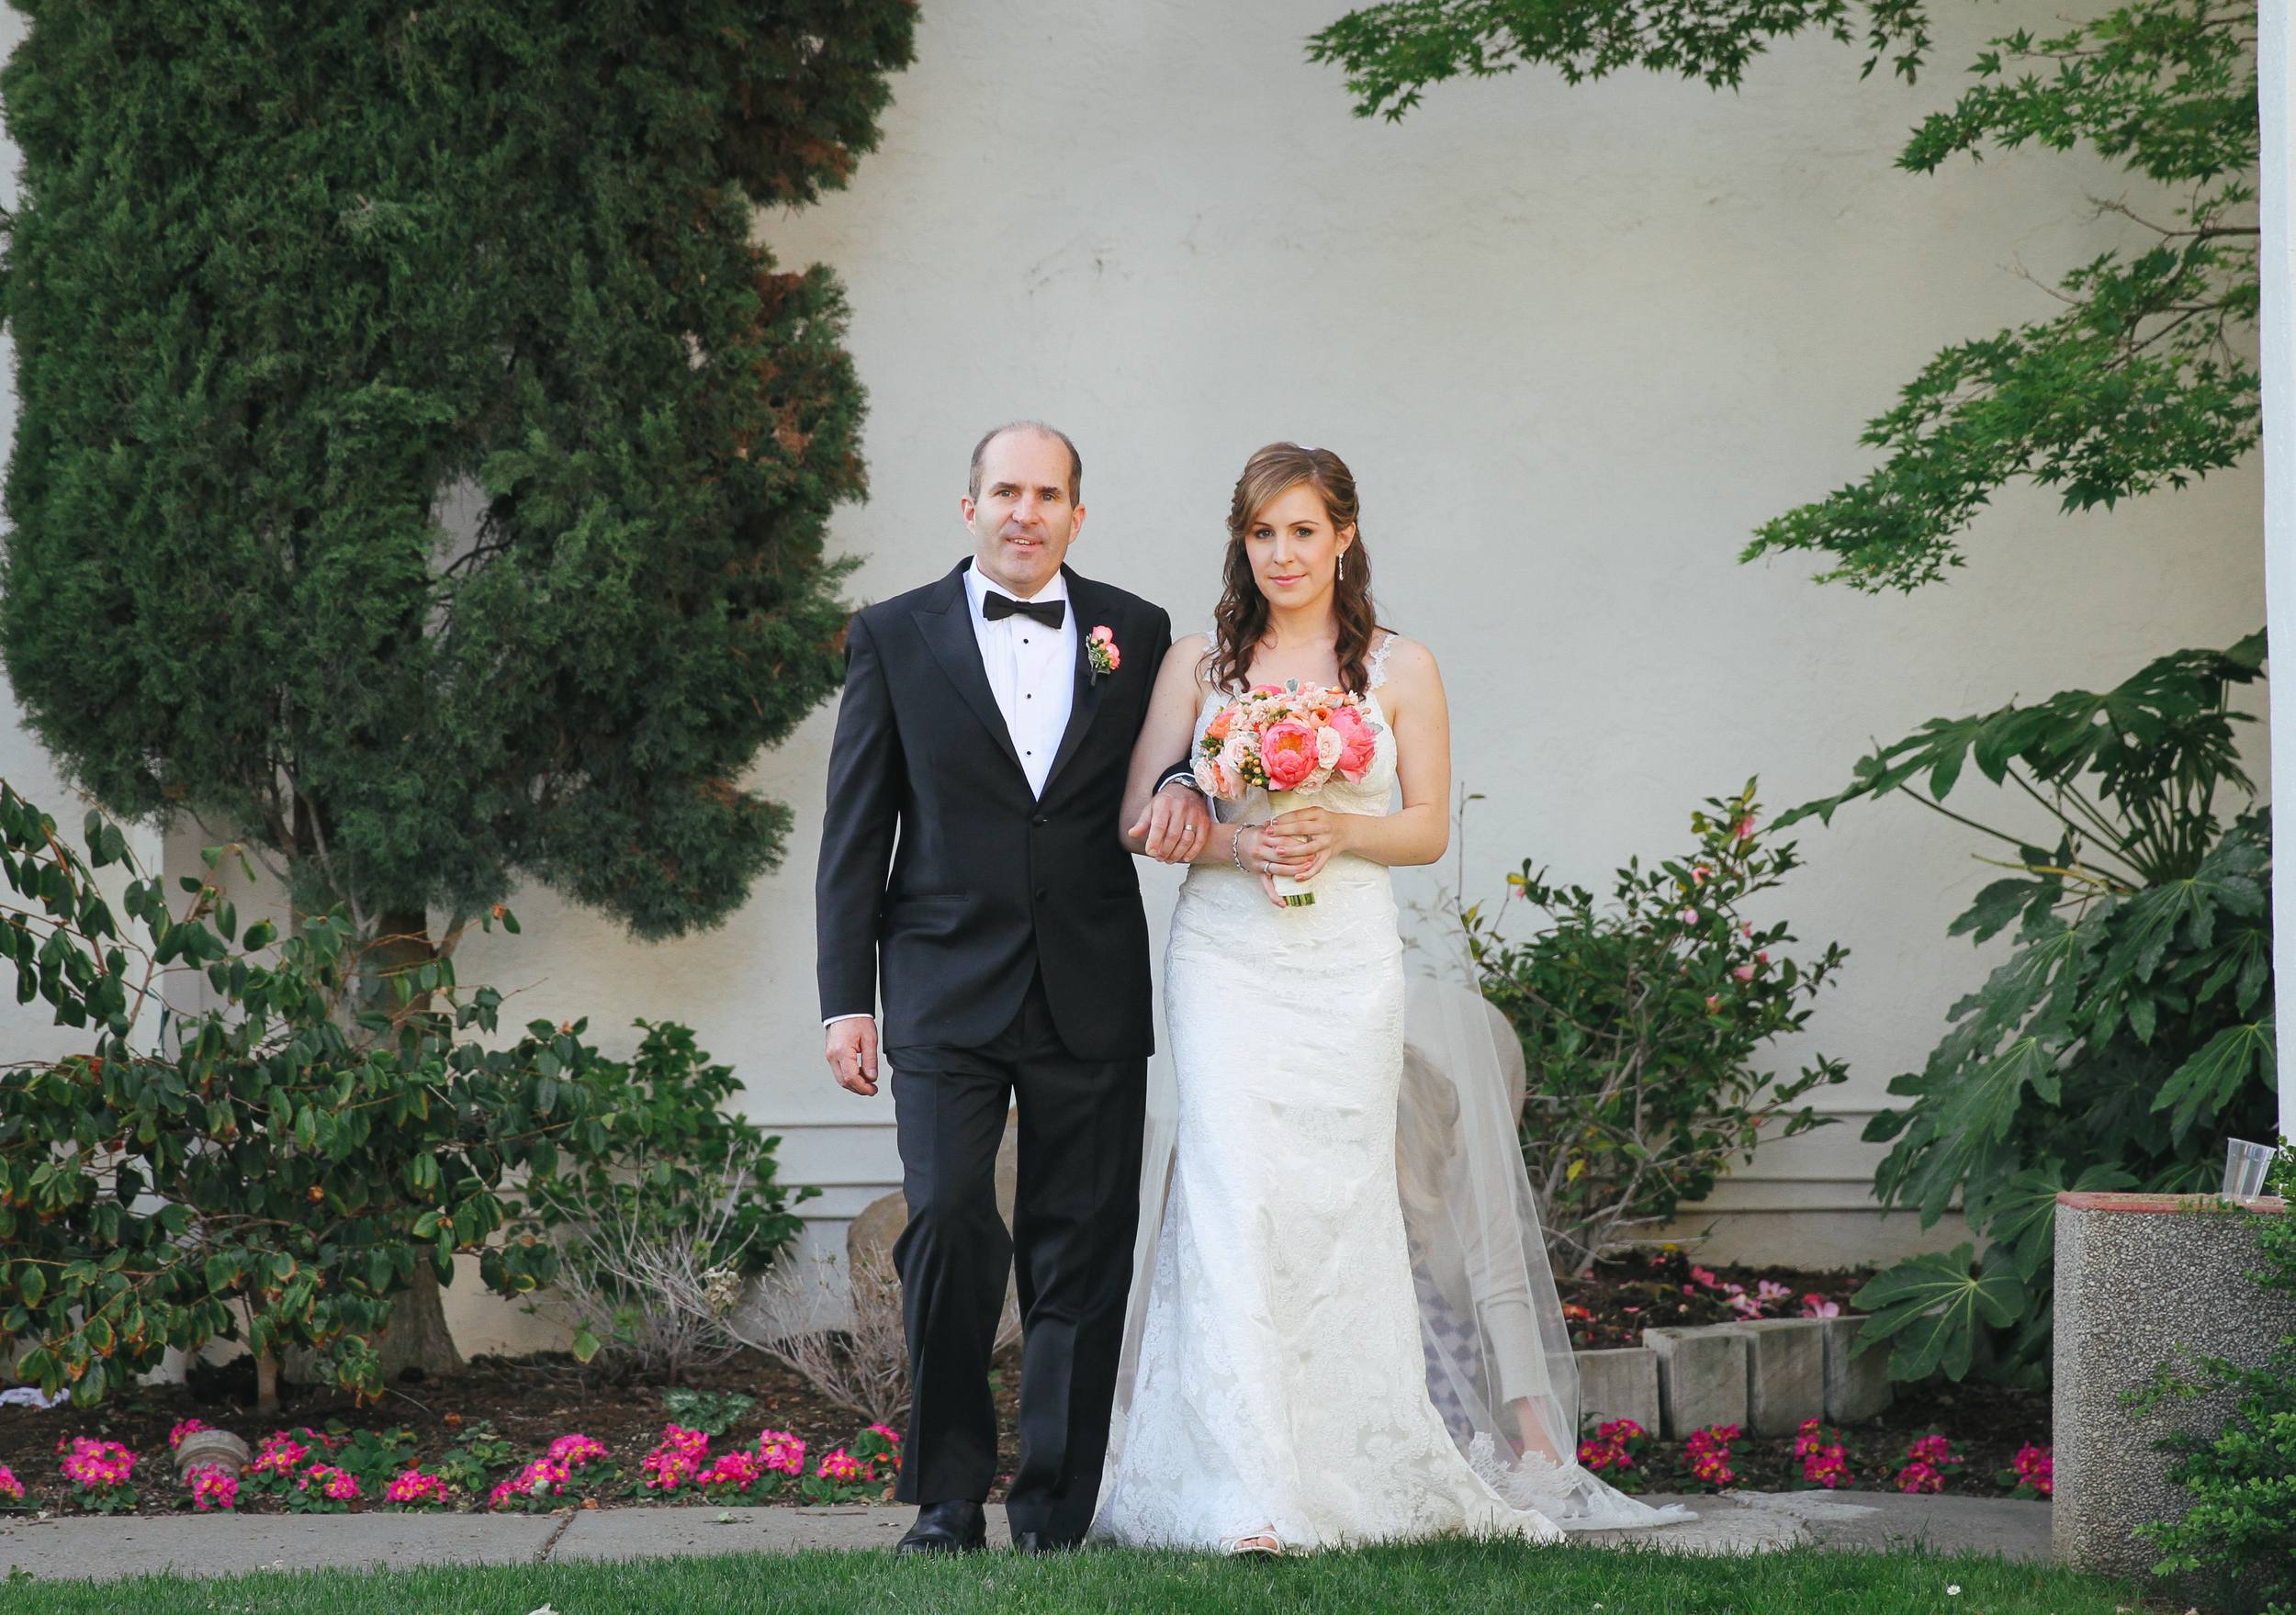 3-28-15_Wedding-751.jpg